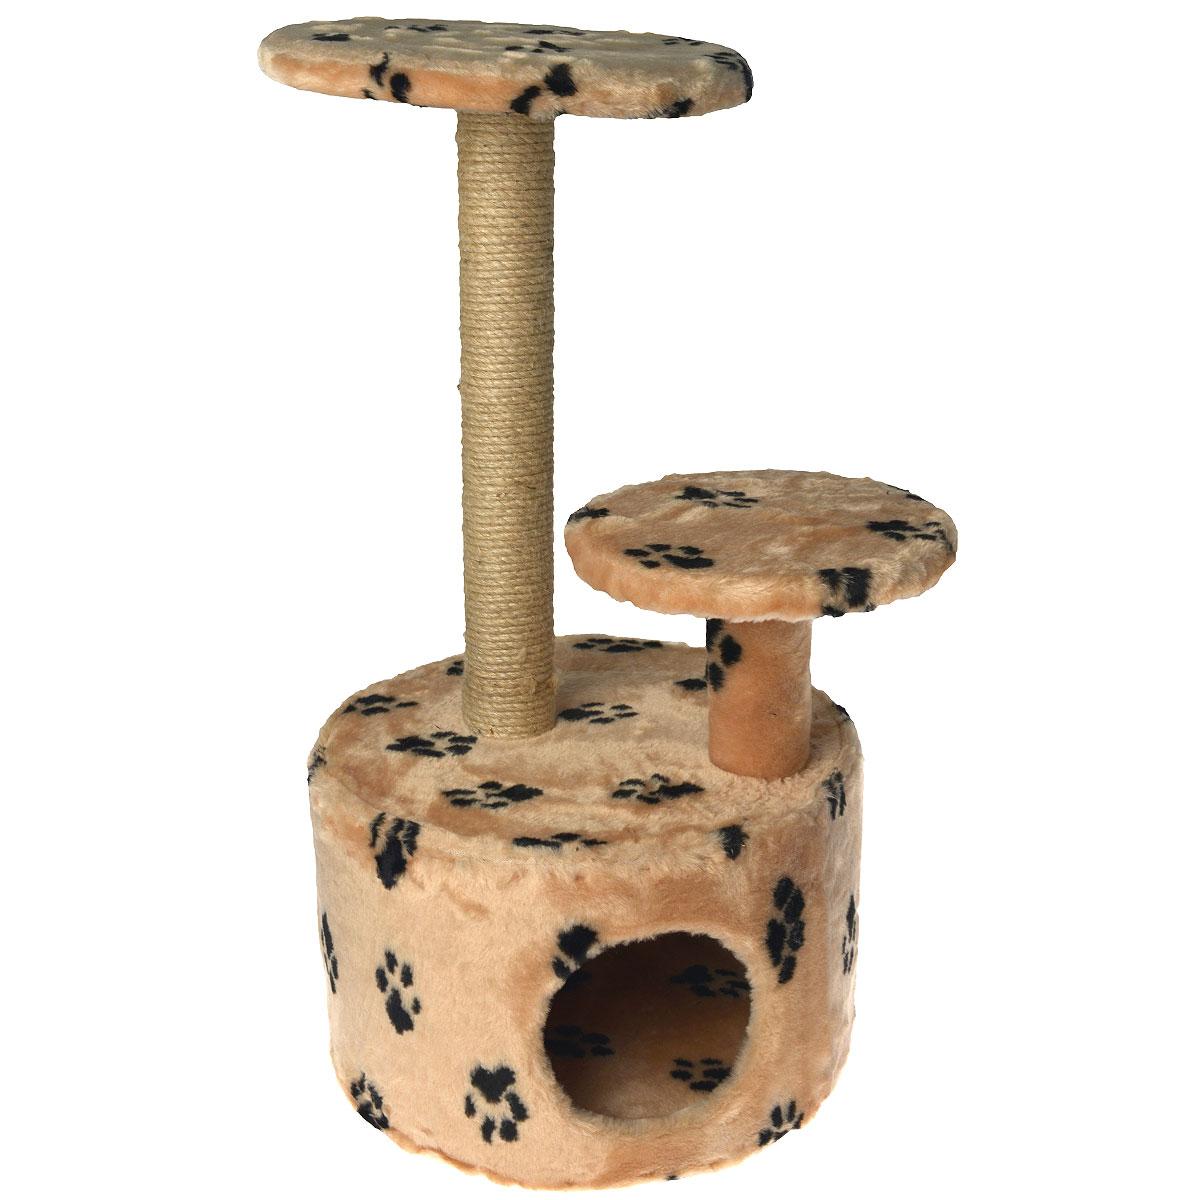 Домик для кошки Пушок, с когтеточкой, цвет: коричневый, лапы, 42 см х 42 см х 80 см0120710Домик круглой формы Пушок, выполненный из искусственного меха, будет прекрасным местом для отдыха и уединения вашей кошки. В домике предусмотрены ступенька, полочка и когтеточка.Когтеточка - один из самых необходимых аксессуаров для кошки. Для приучения к когтеточке можно натереть ее сухой валерьянкой или кошачьей мятой.